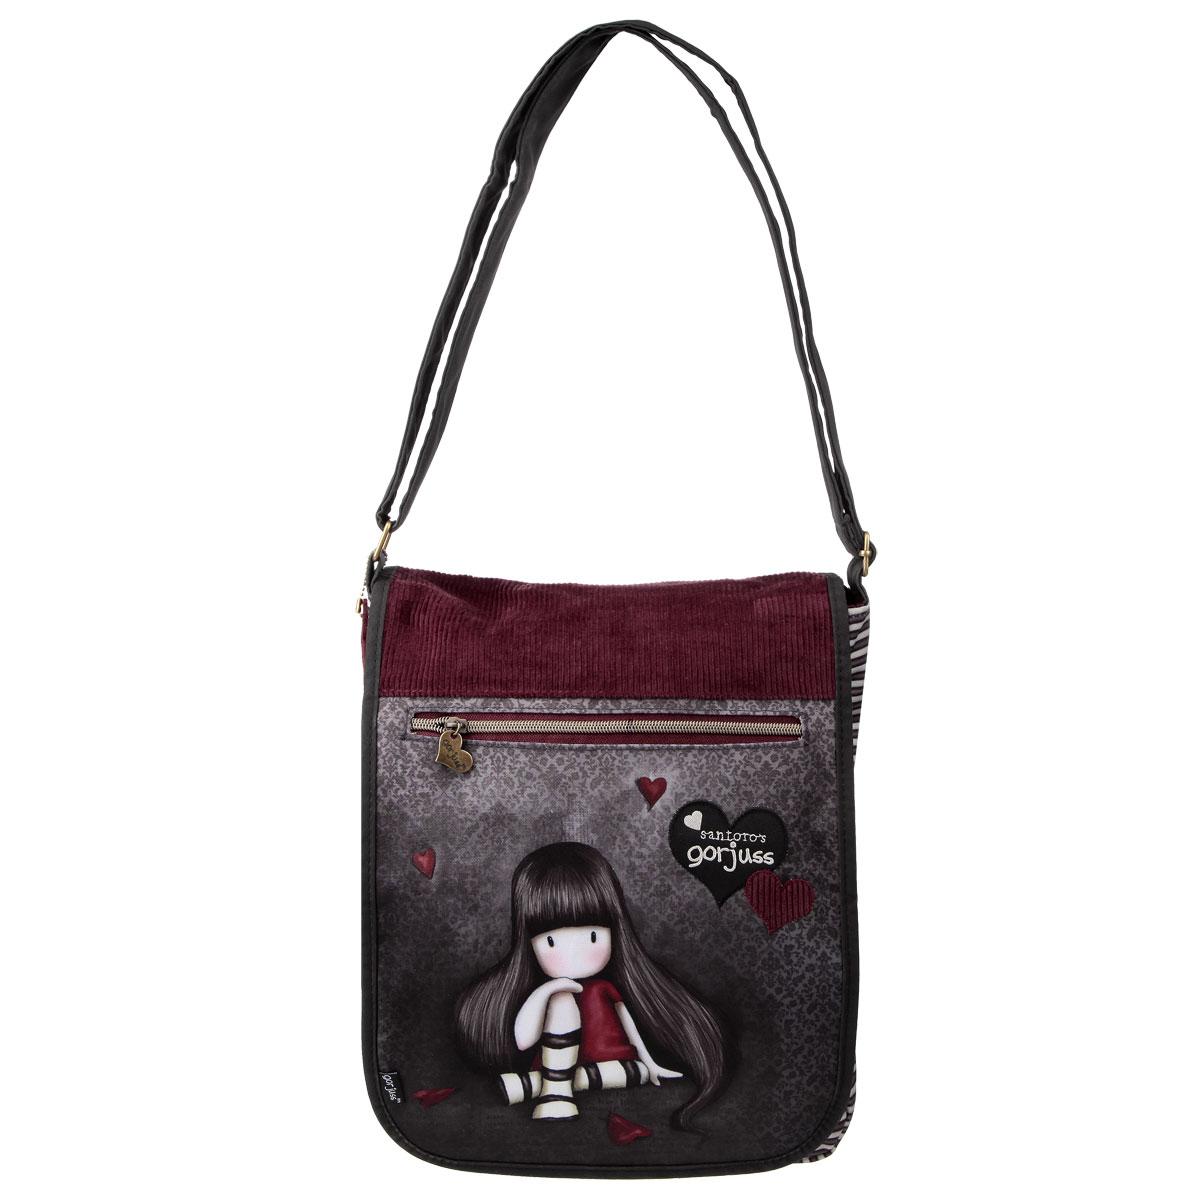 Сумка молодежная Santoro Gorjuss, цвет: серый, бордовый сумка для девочки santoro toadstools цвет синий 0012417